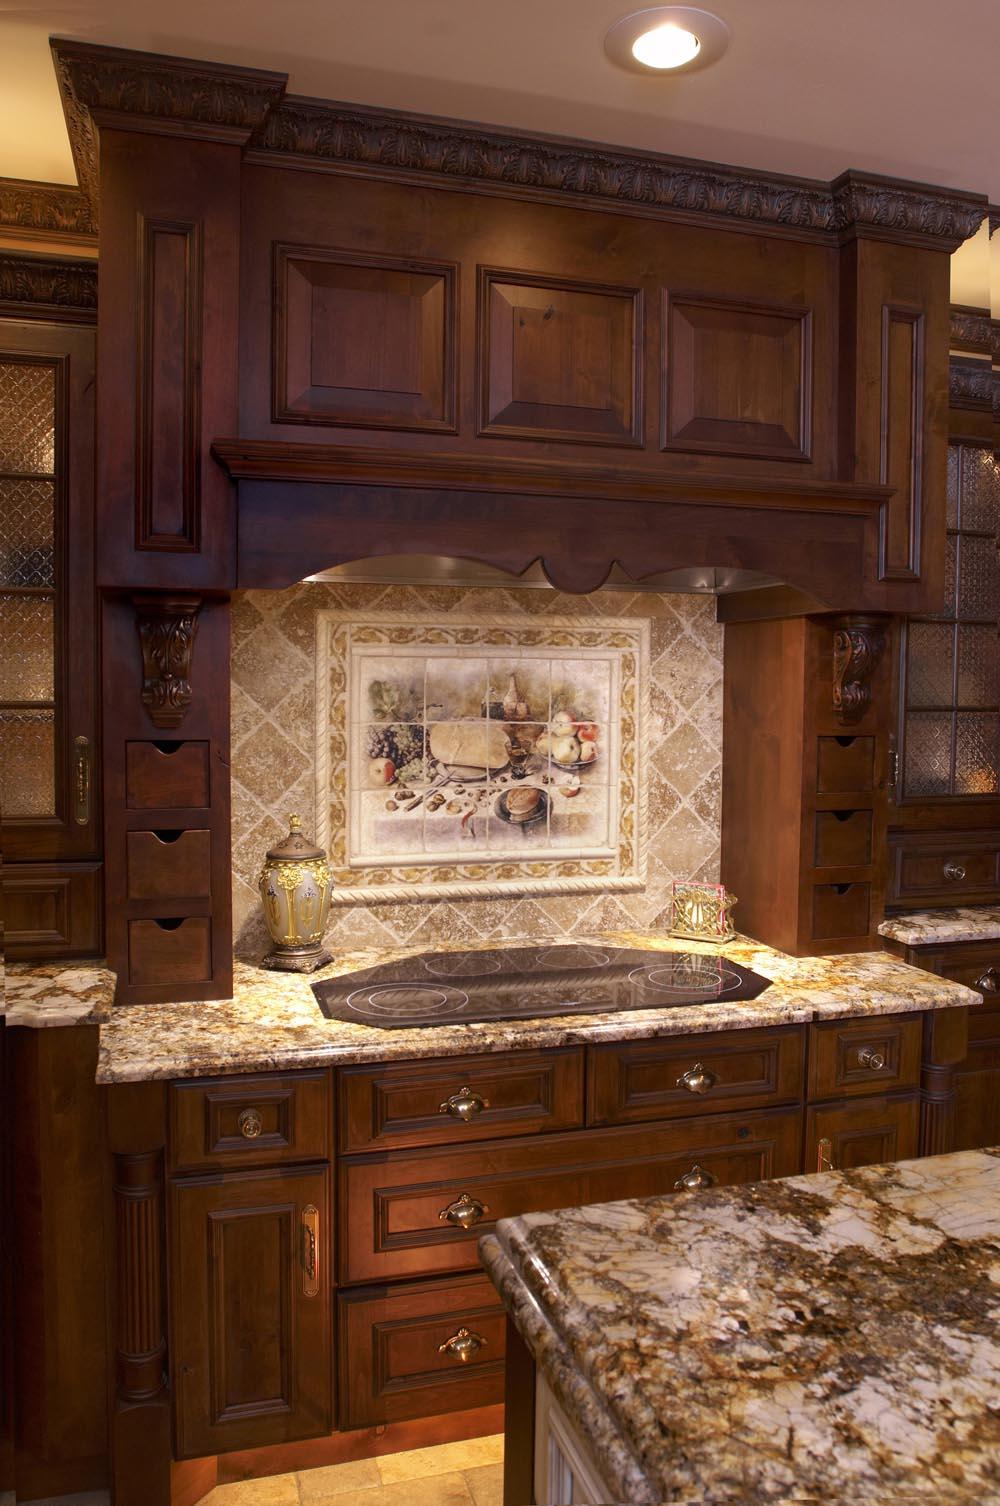 30 Amazing Kitchen Dark Cabinets Design Ideas - Decoration ... on Backsplash Ideas For Dark Cabinets  id=63046